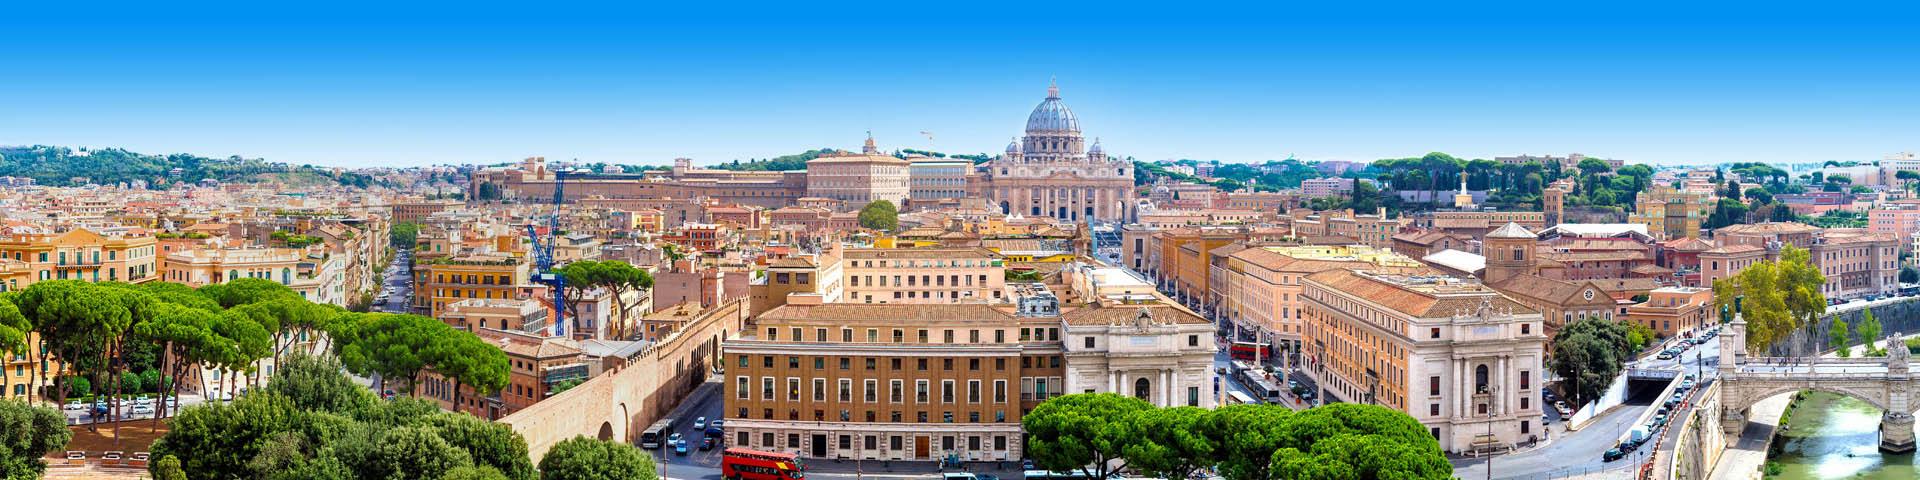 Citytrip uitzicht op de Sint Pieter in Rome